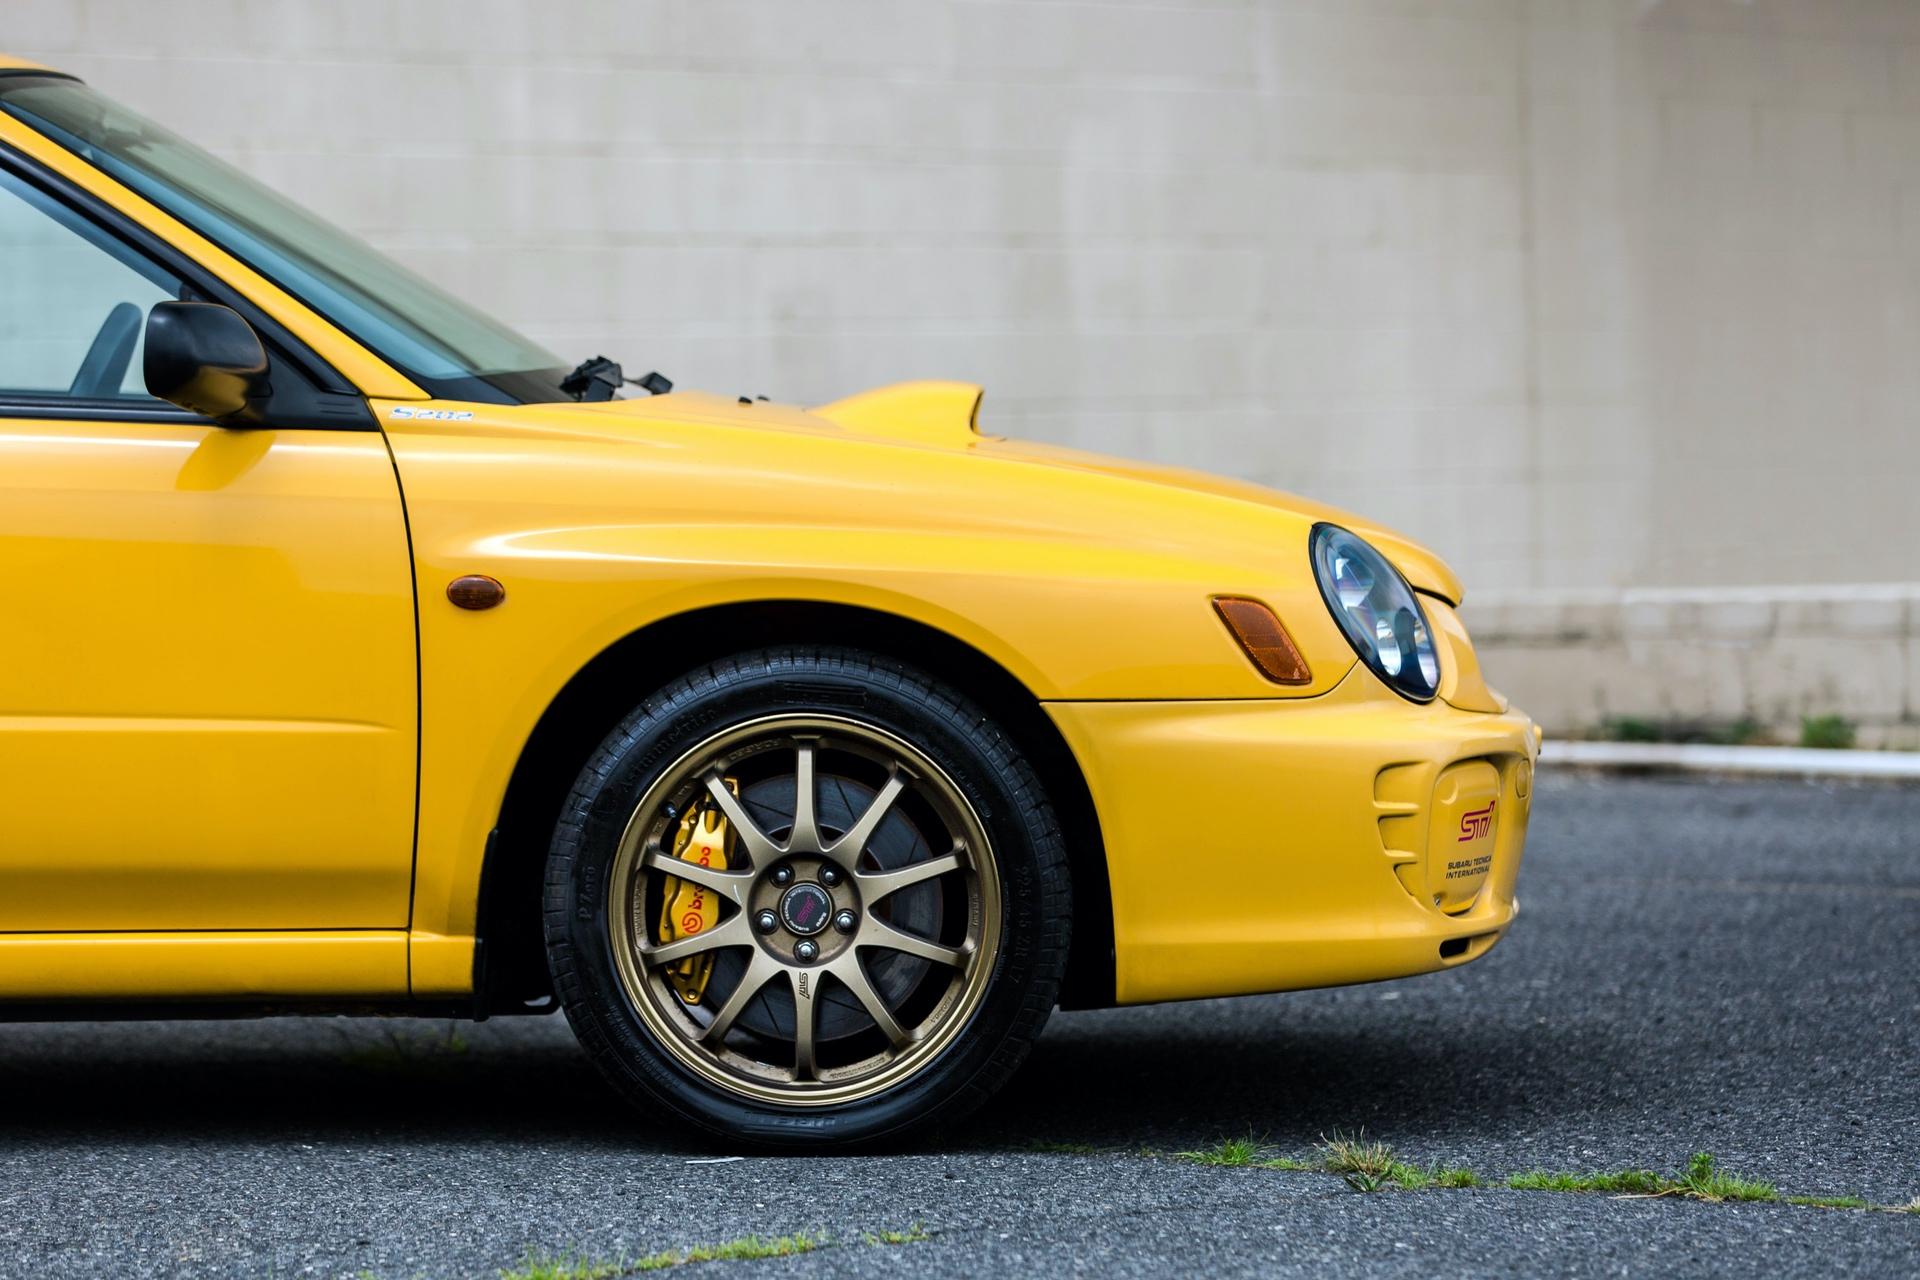 Subaru_Impreza_STI_S202_0007